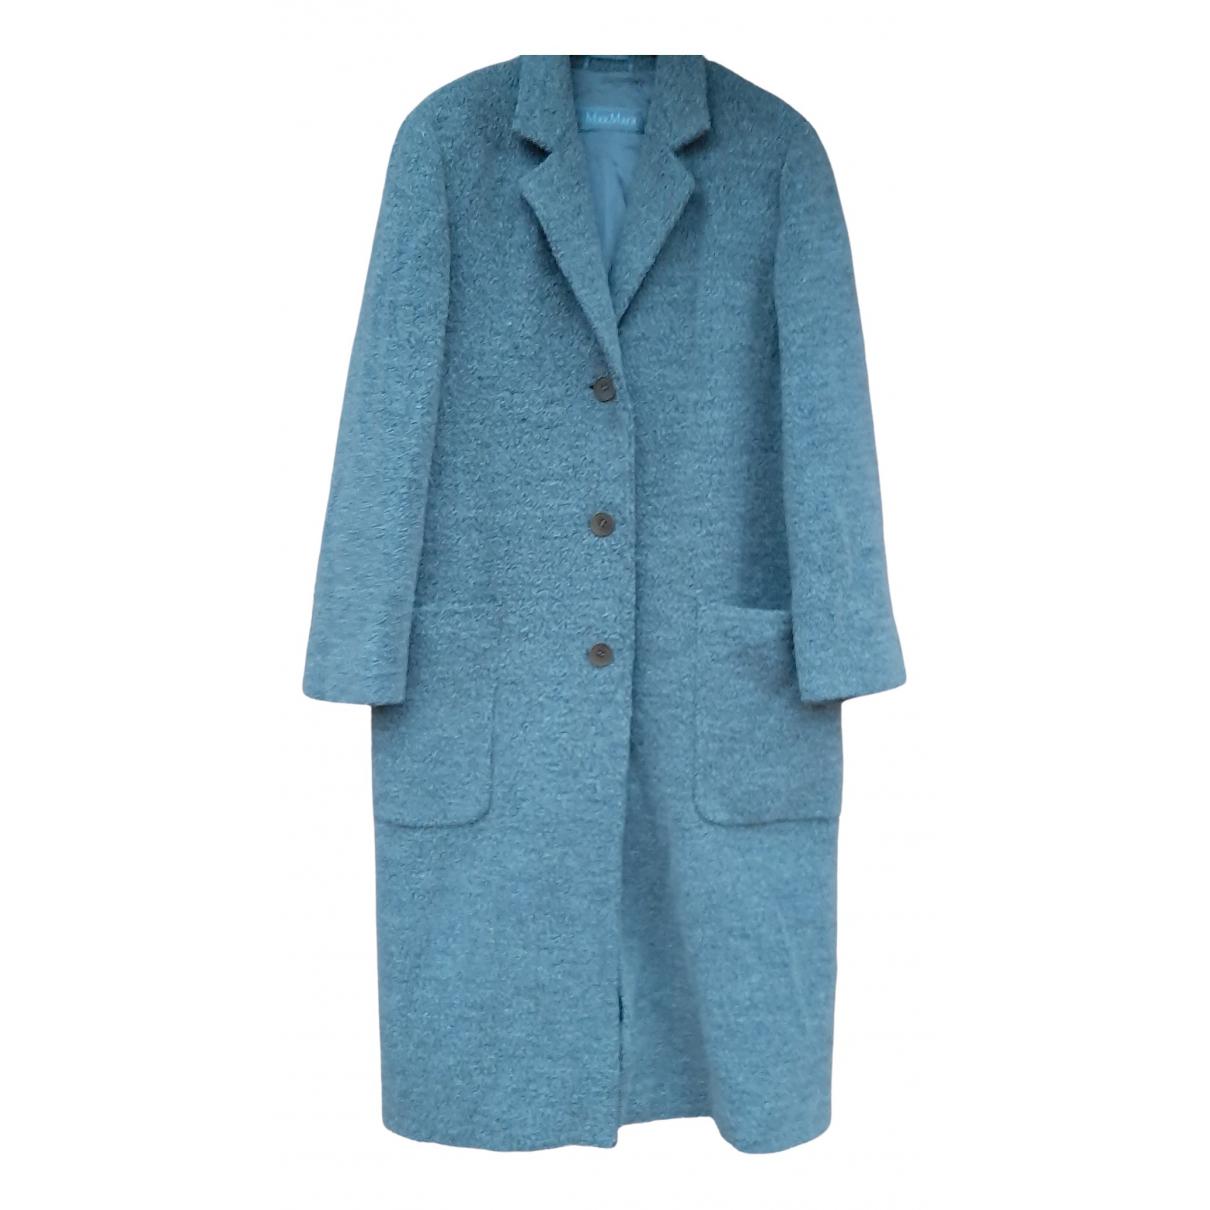 Max Mara \N Grey coat for Women 42 IT